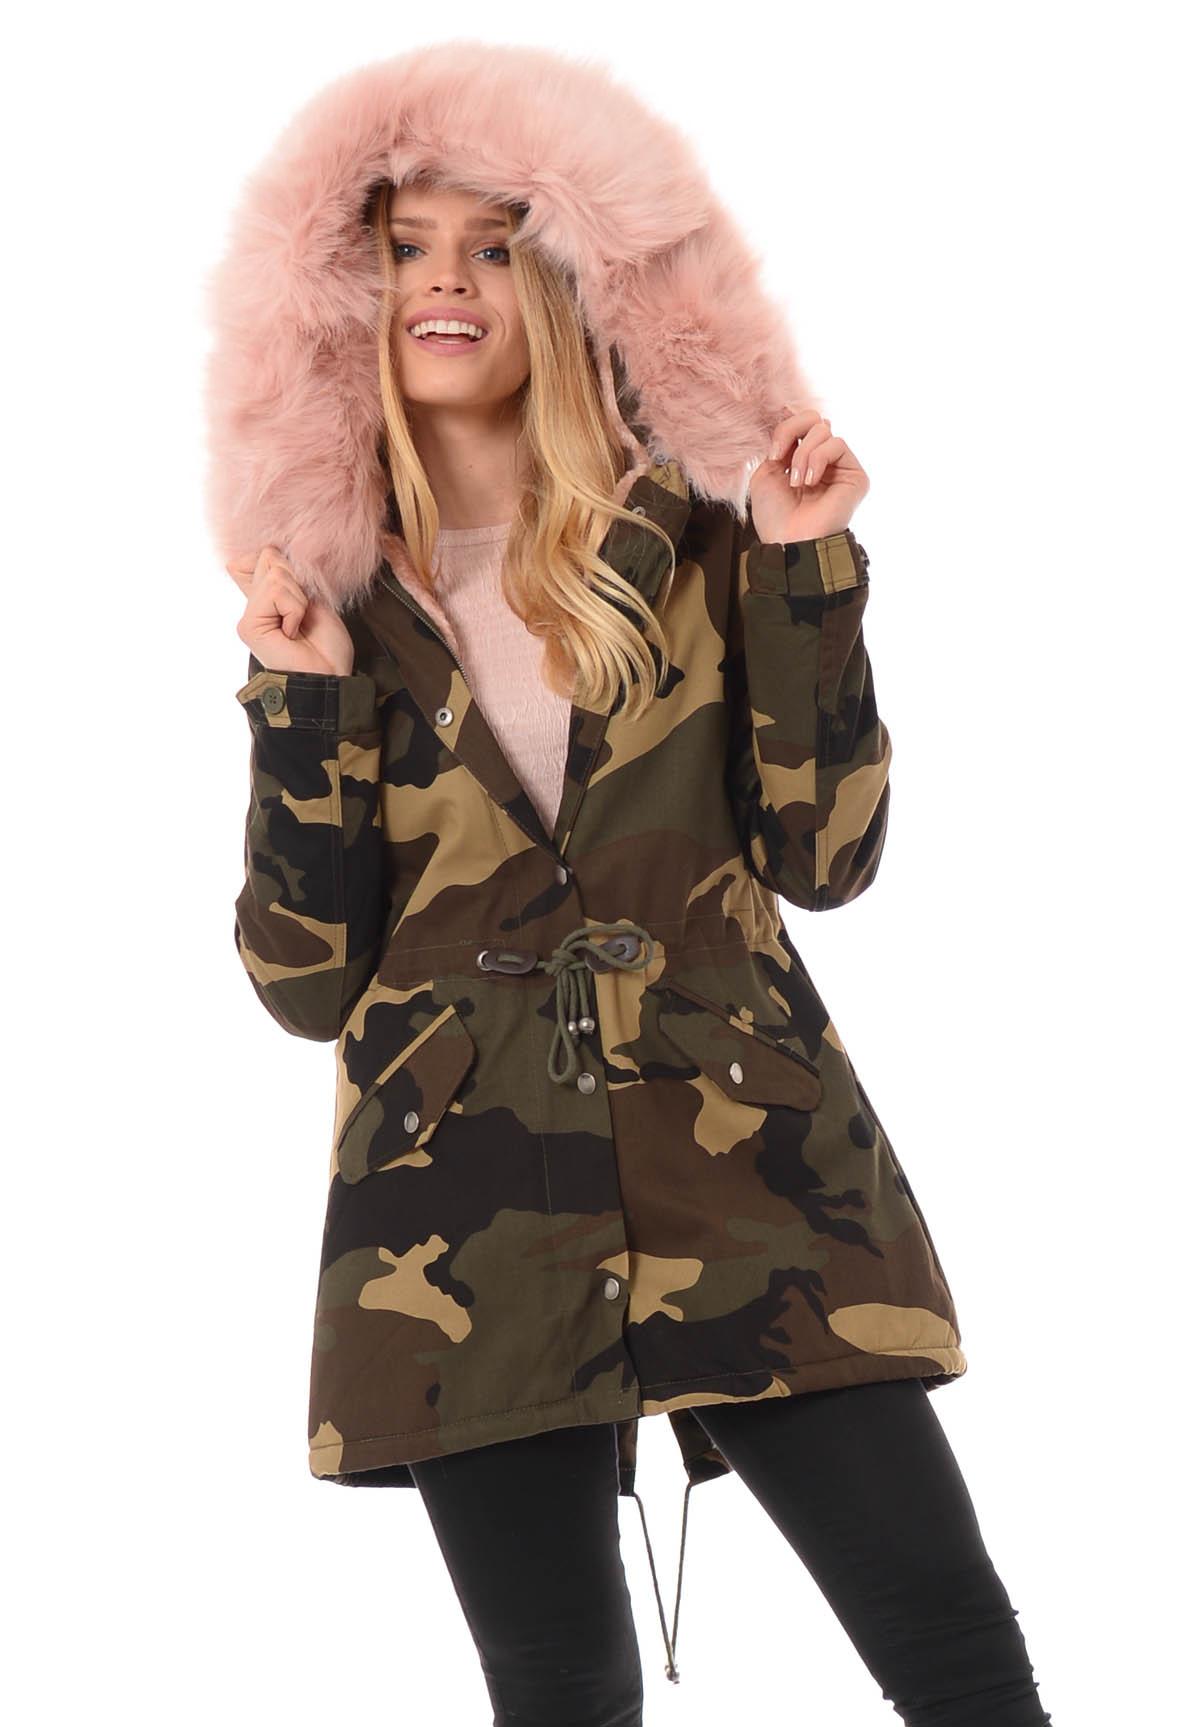 Kurtkiparki.pl – numer jeden w modzie damskiej zima 2018/2019